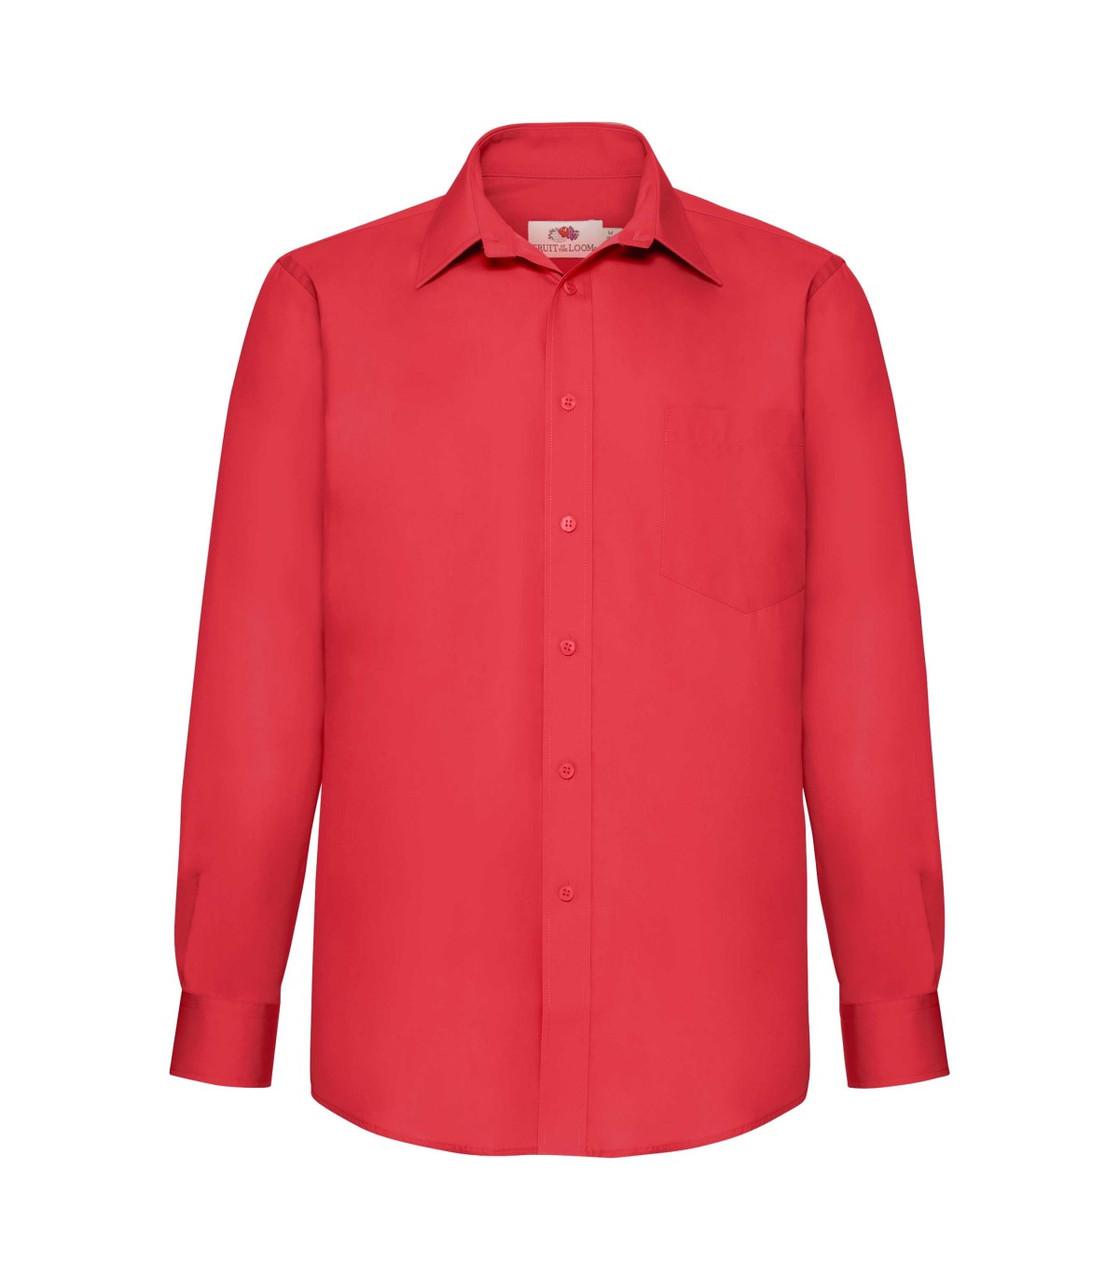 Мужская рубашка с длинным рукавом Poplin красная 118-40